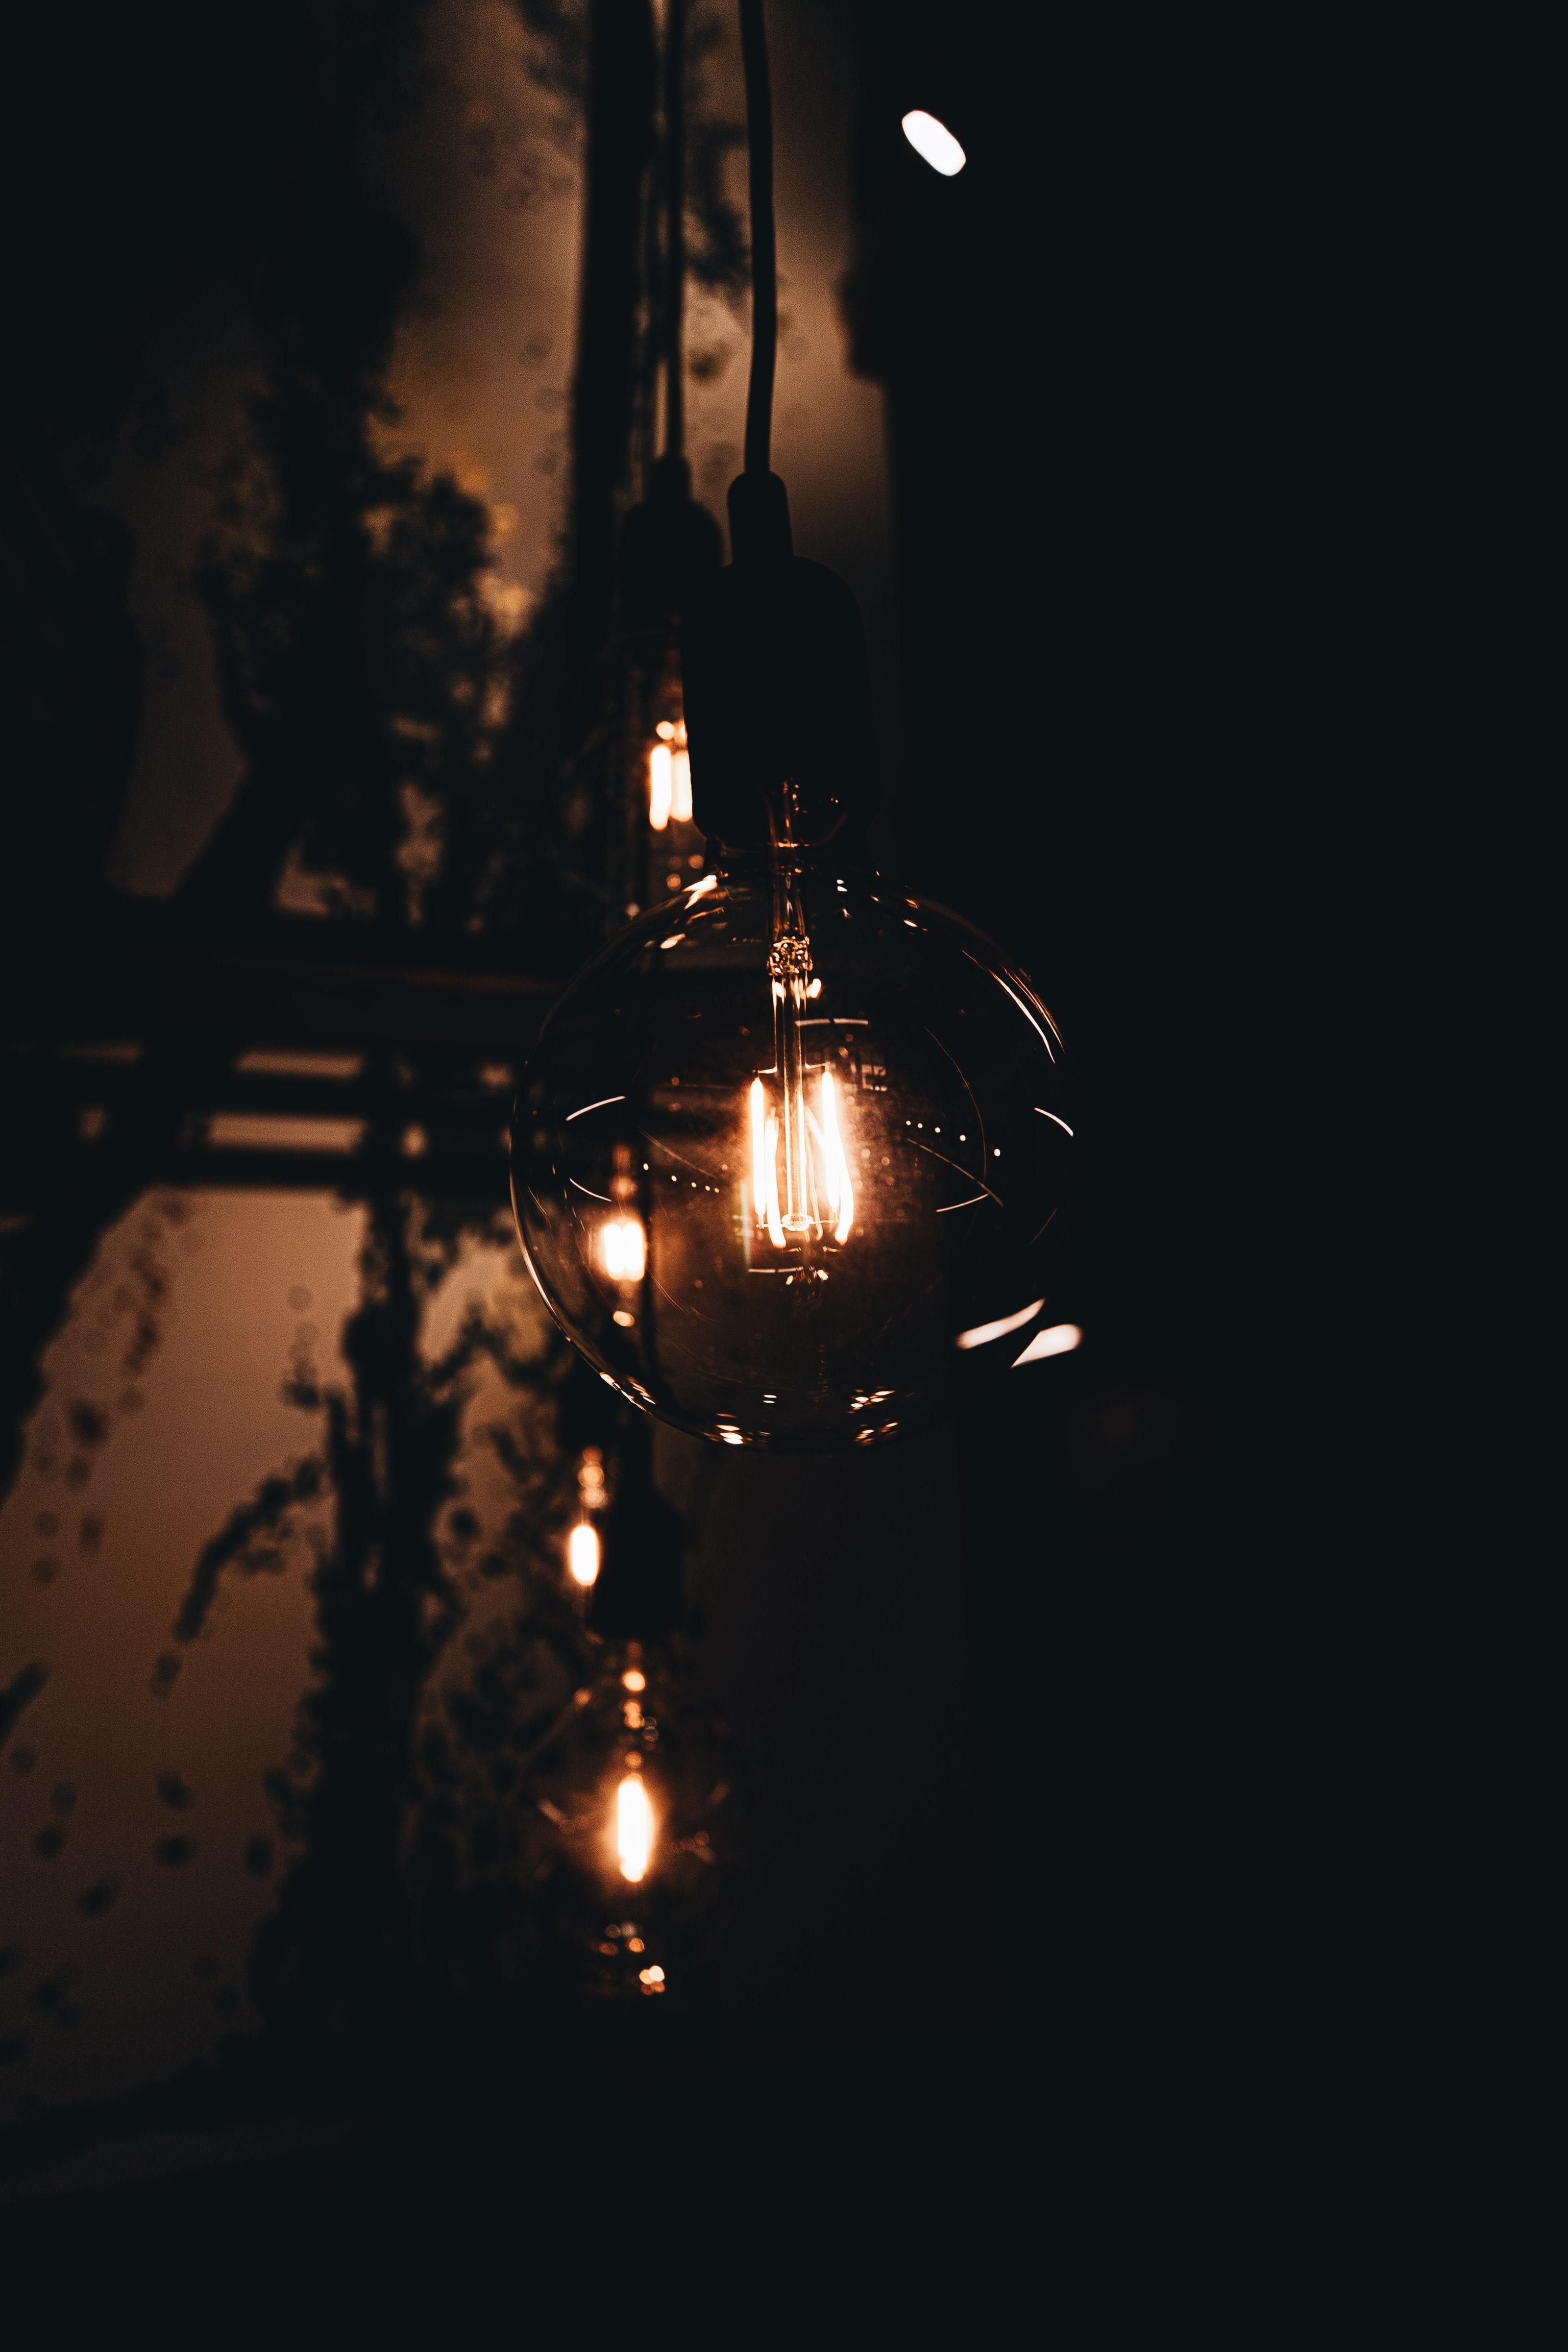 85348 télécharger le fond d'écran Sombre, Lampe, Briller, Lueur, Le Noir - économiseurs d'écran et images gratuitement